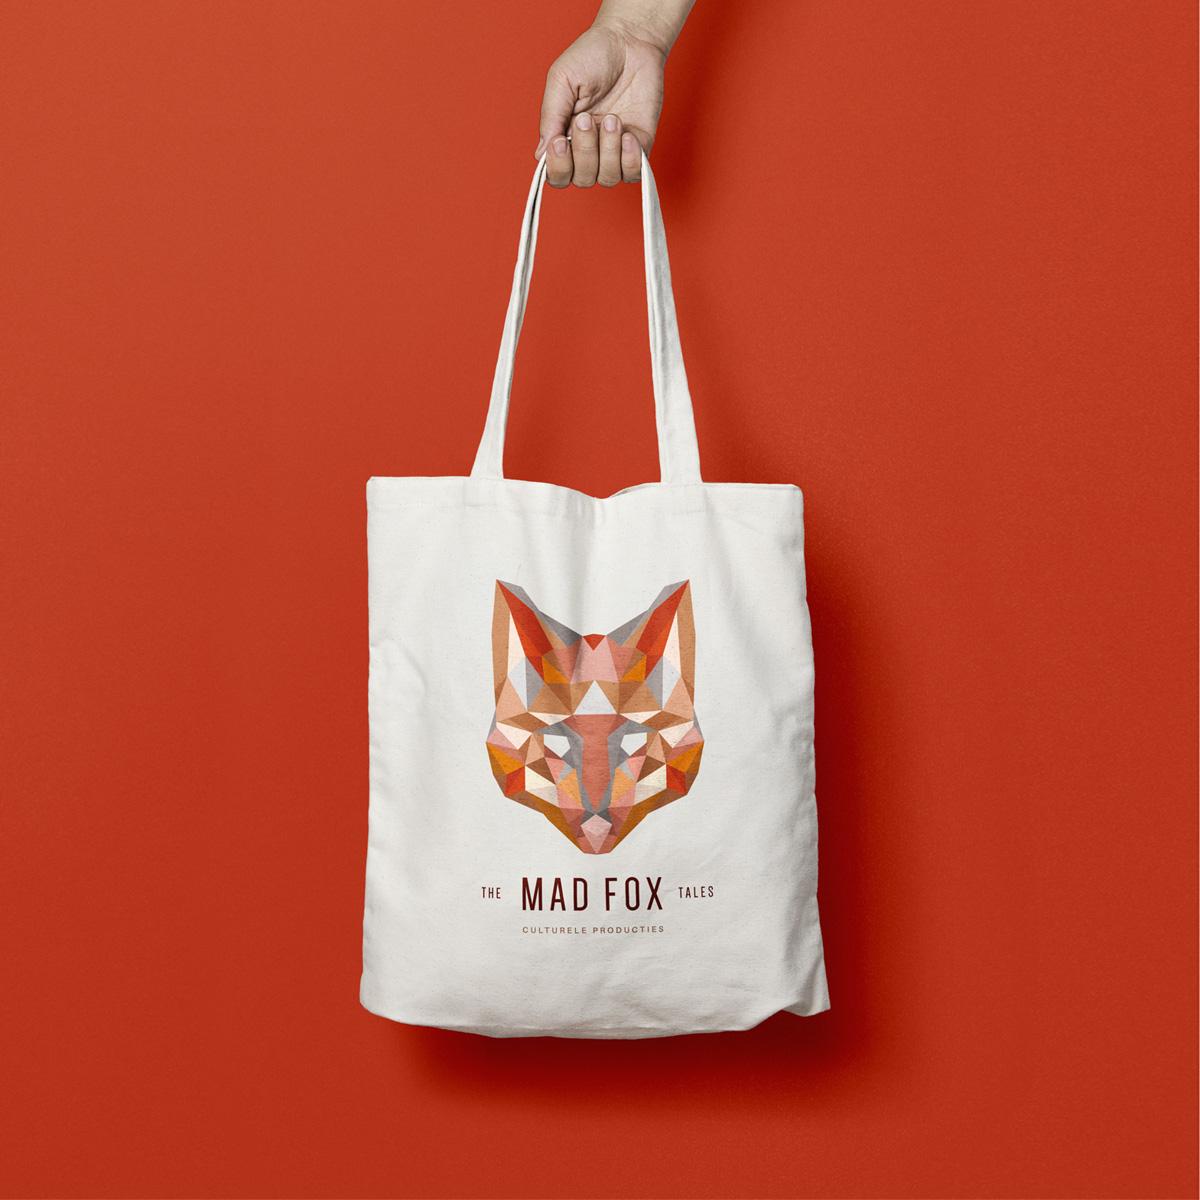 The Mad Fox Tales